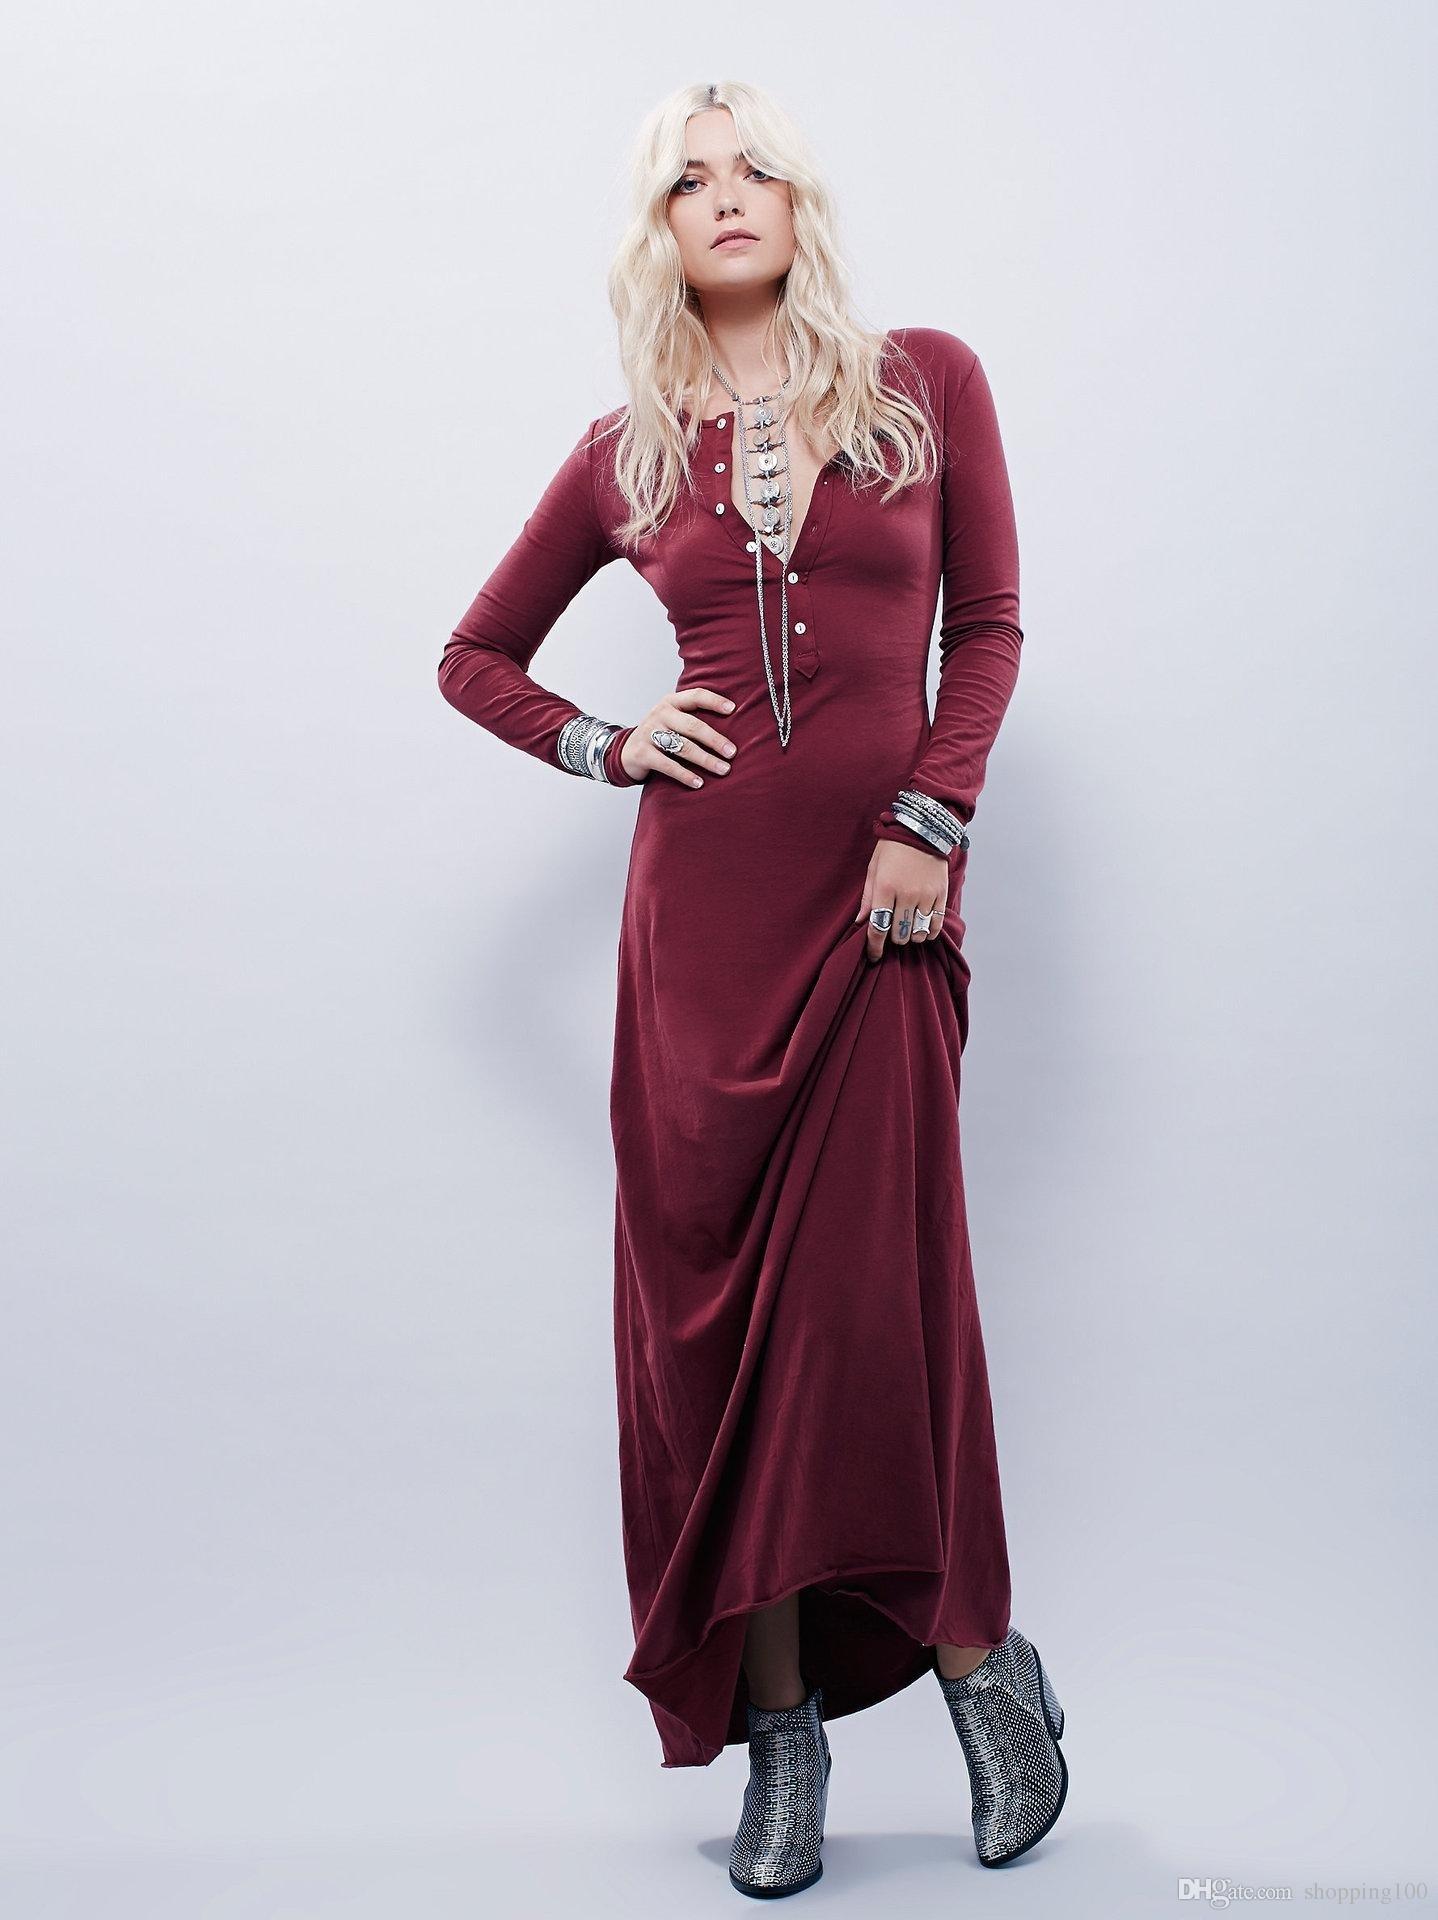 13 Kreativ Langes Schickes Kleid Boutique13 Schön Langes Schickes Kleid Design